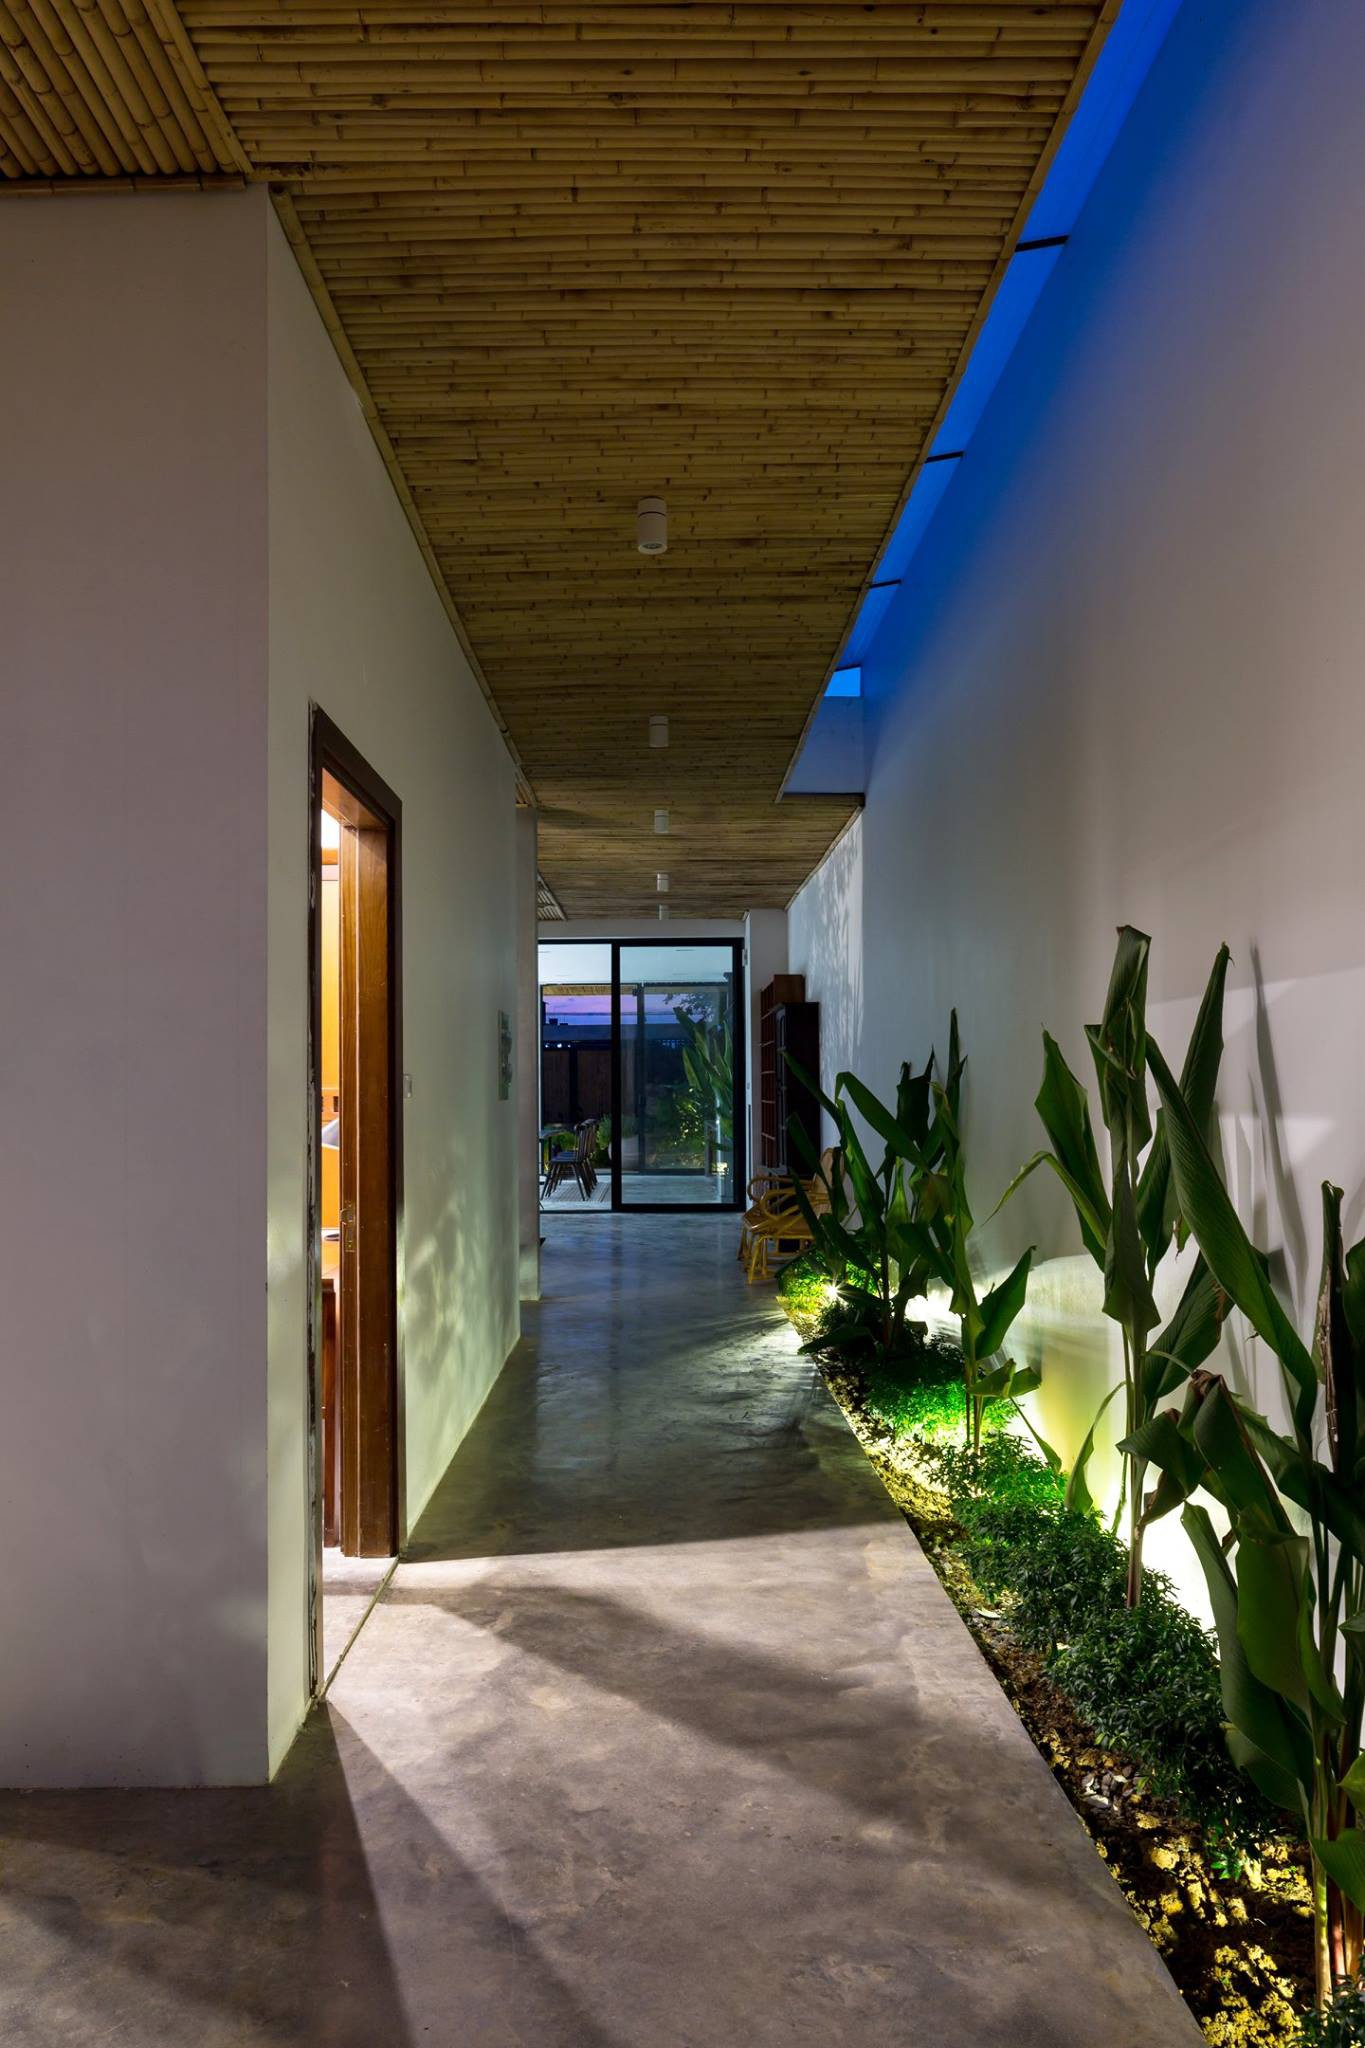 Ngôi nhà cấp 4 chan hòa ánh nắng và cây xanh mang lại vẻ yên bình đến khó tin ở Hà Nội - Ảnh 5.